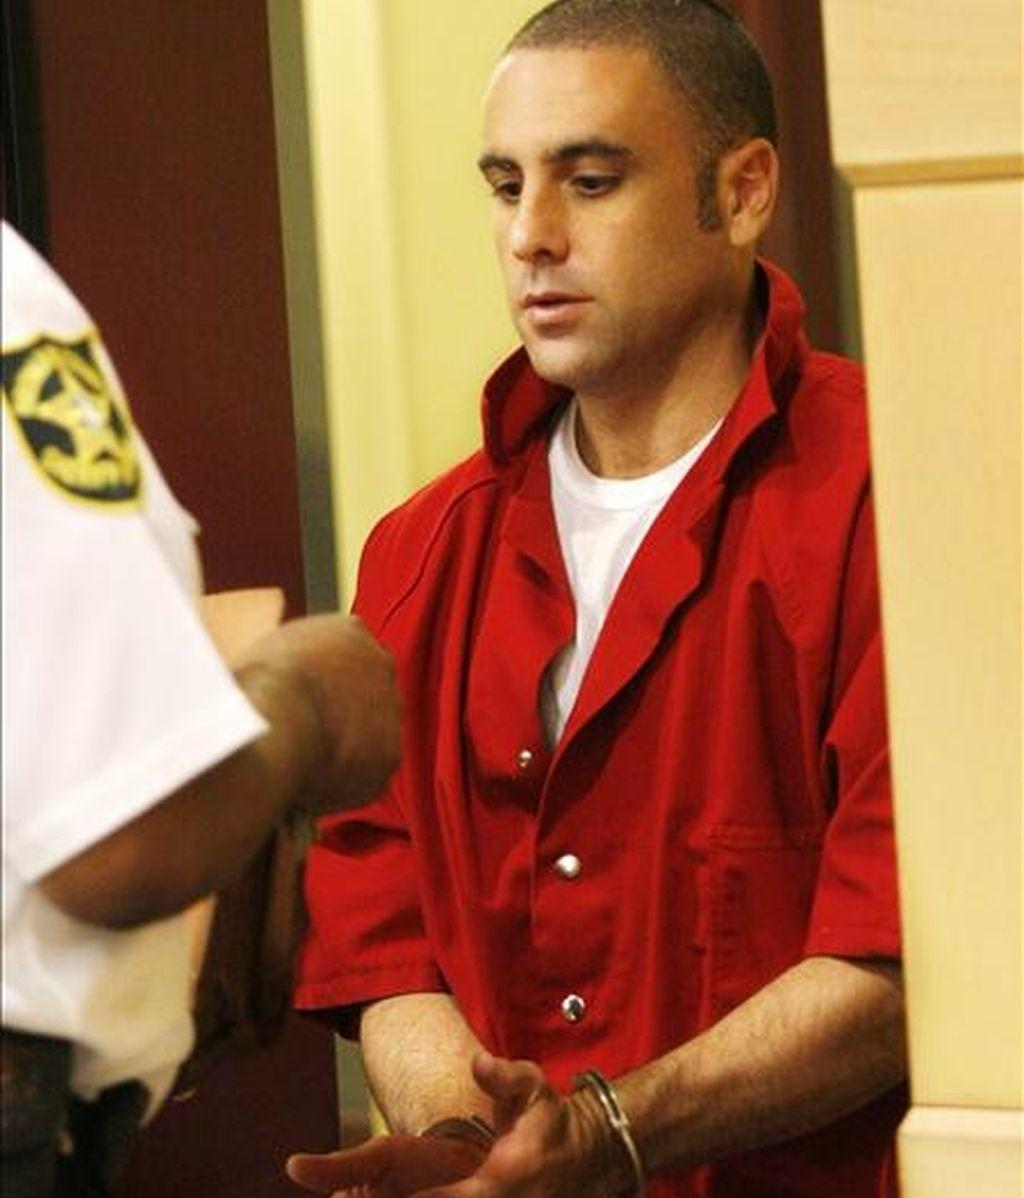 Pablo Ibar, de 37 años, que tiene la doble nacionalidad española y estadounidense, está desde 2000 en el corredor de la muerte del penal de Raiford, en Starke, en el norte de Florida. . EFE/Archivo